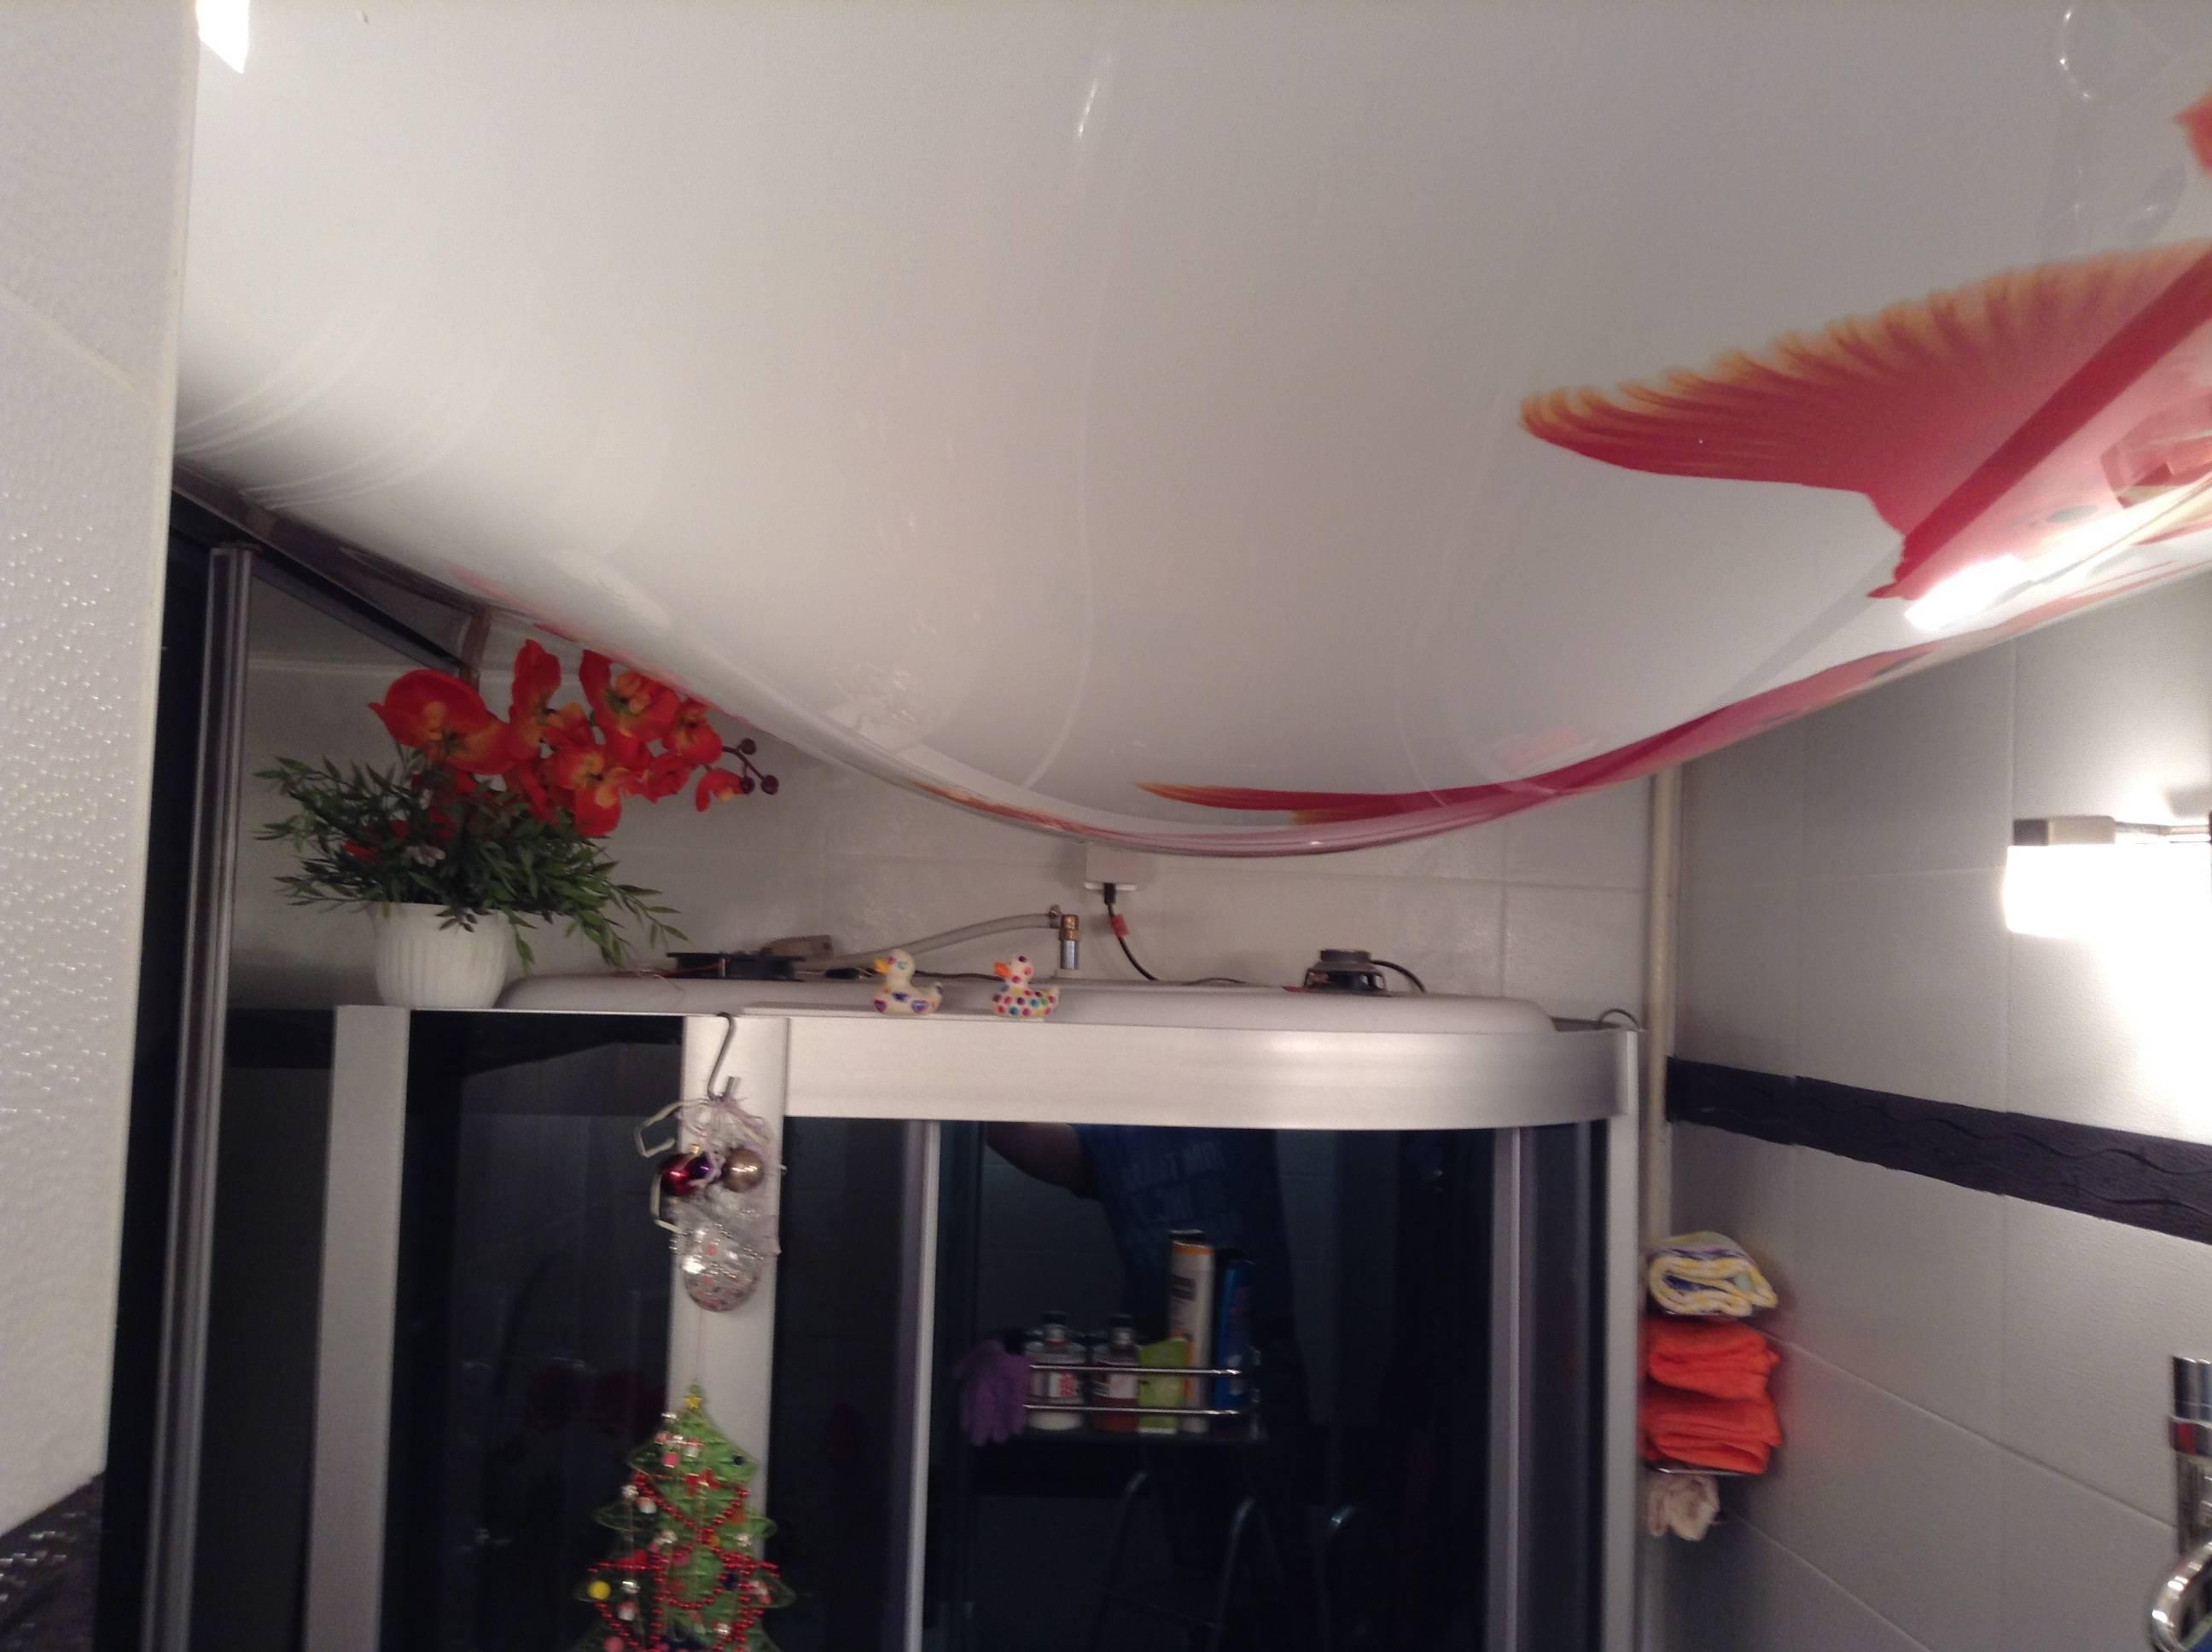 Слить воду с натяжного потолка: слив, демонтаж, как убрать самостоятельно, спустить, что делать, своими руками, затопили